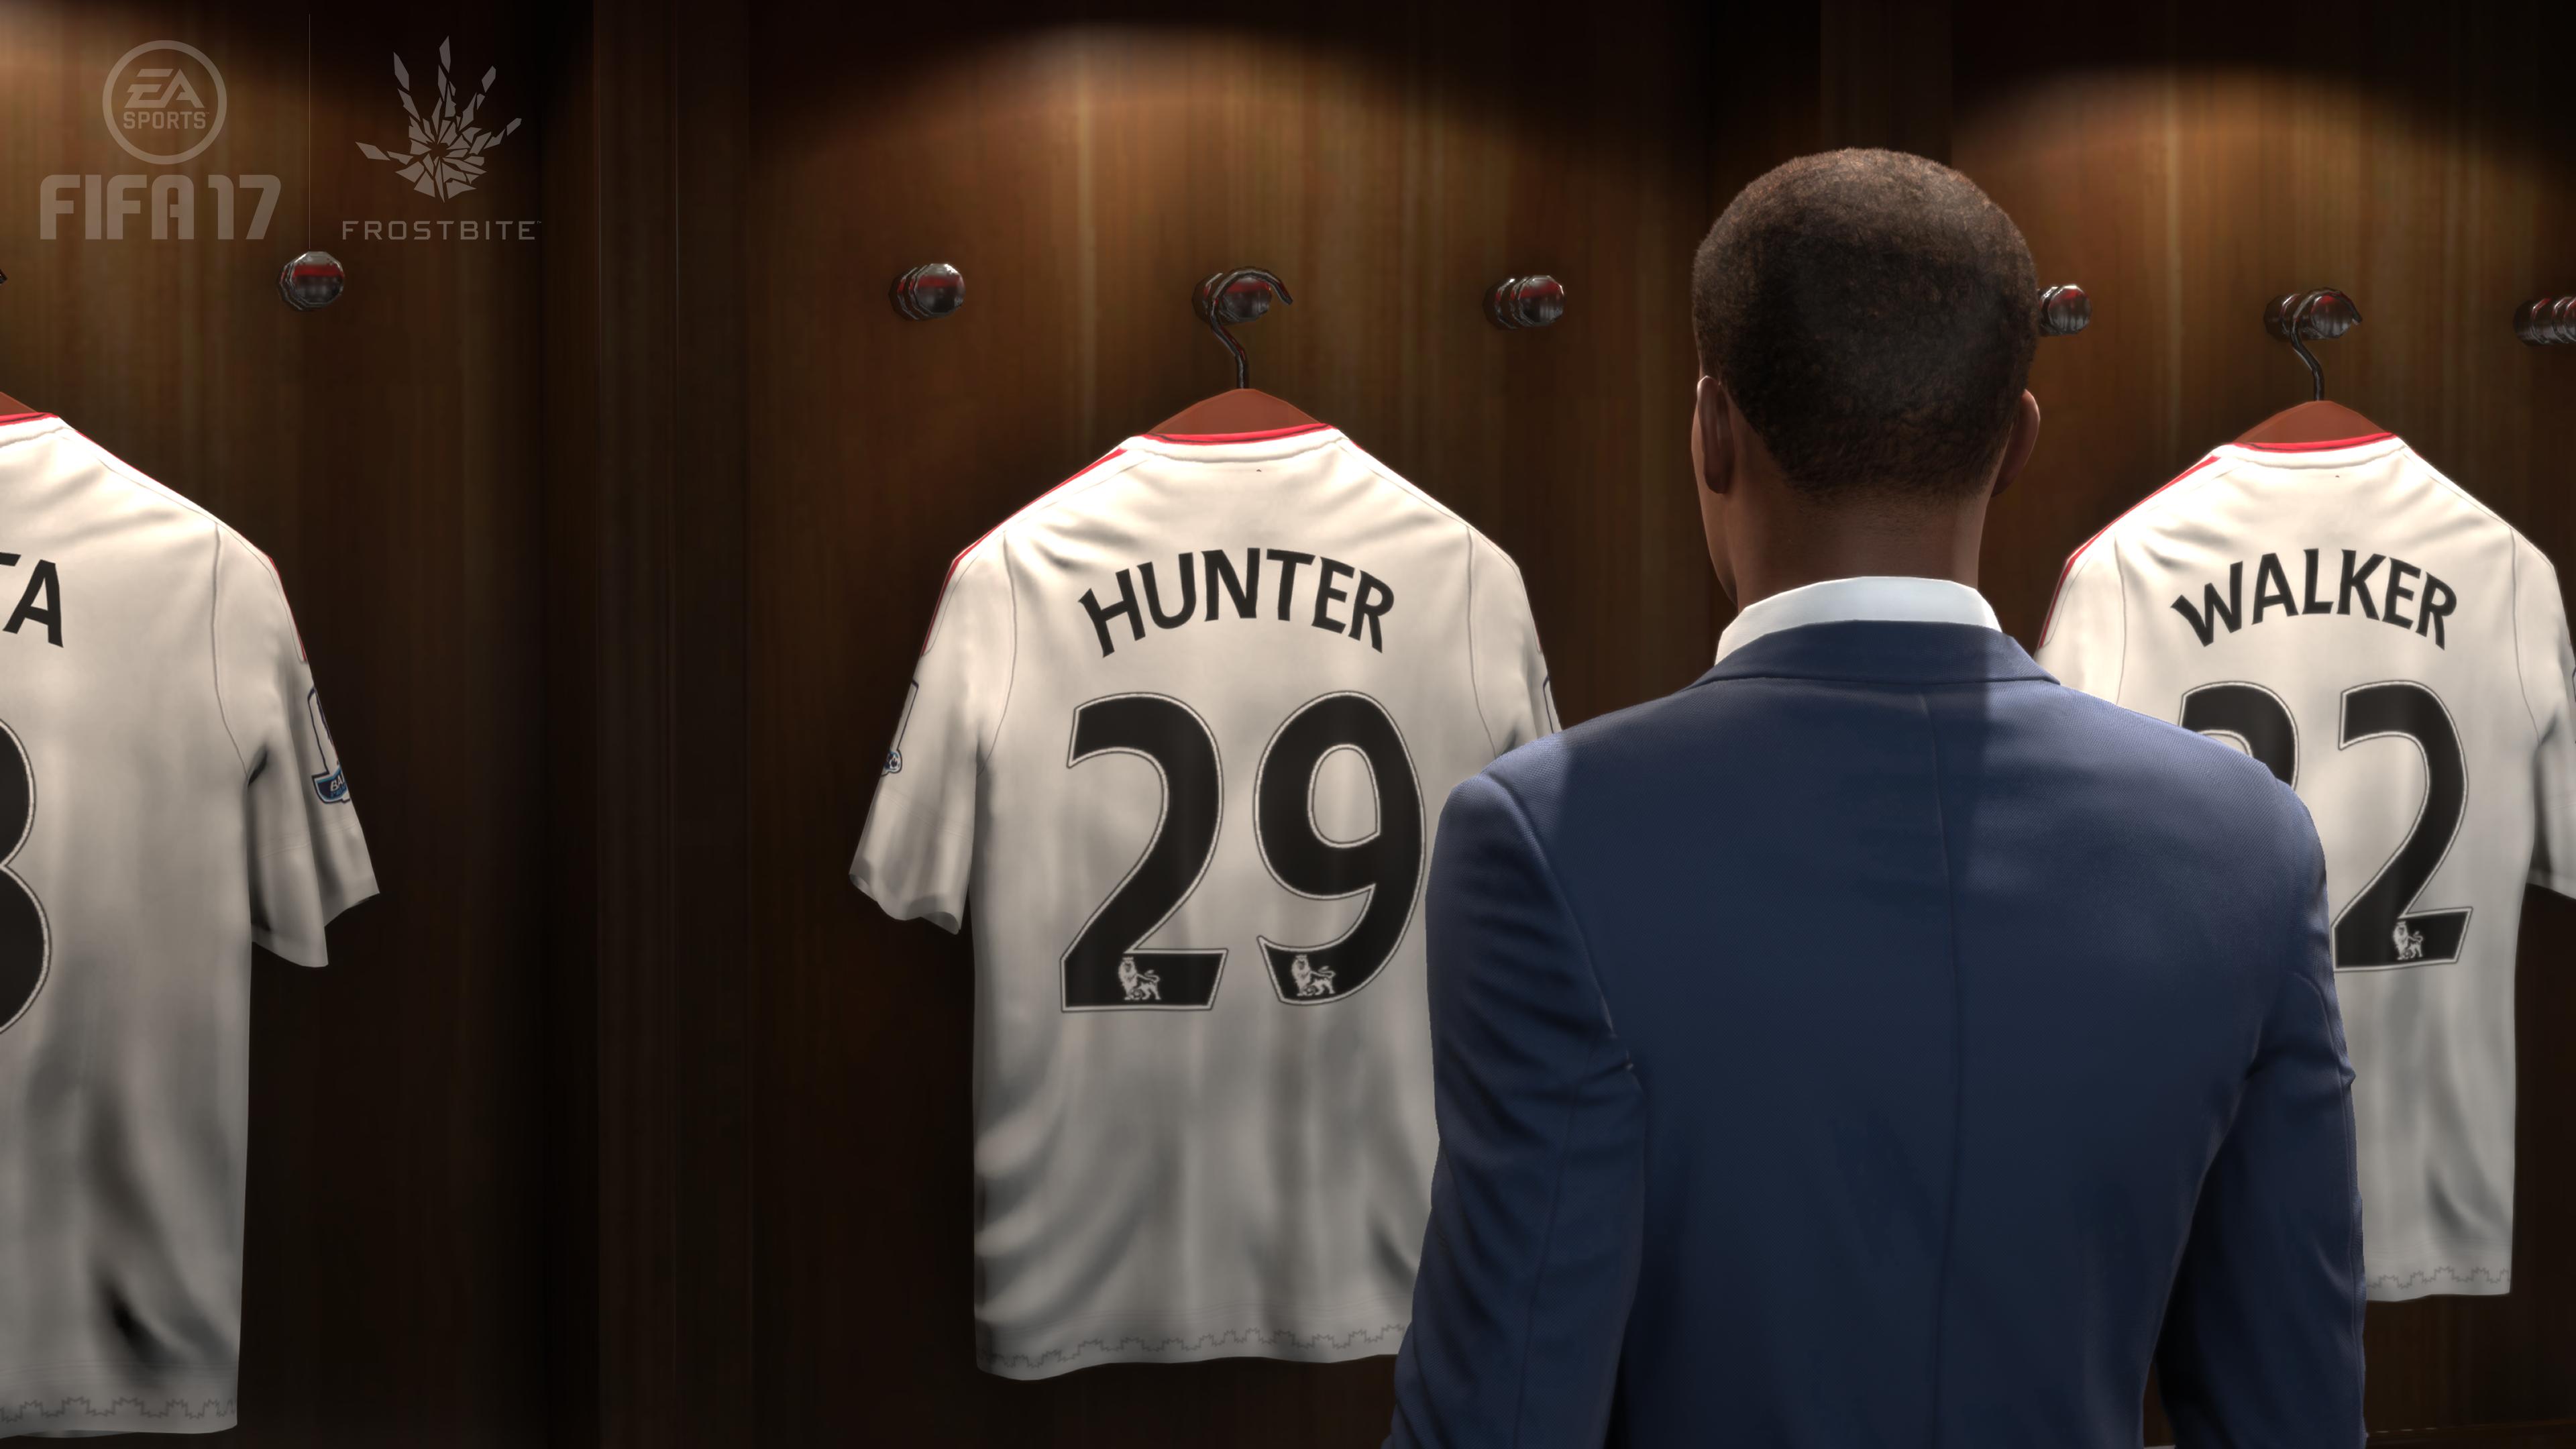 FIFA17_XB1_PS4_JOURNEY_UNITED_LOCKER_WM